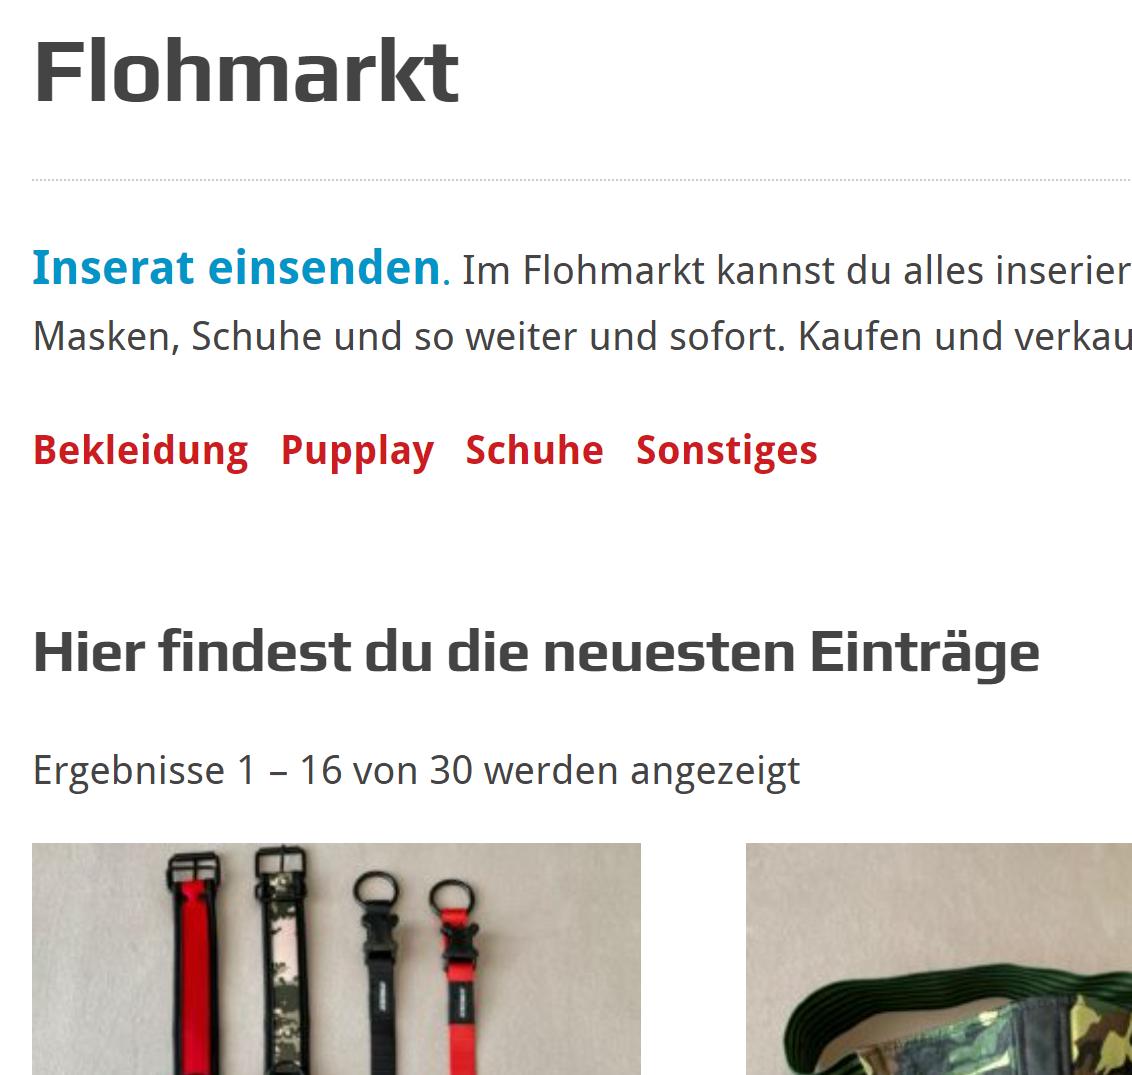 Flohmarkt Update & News